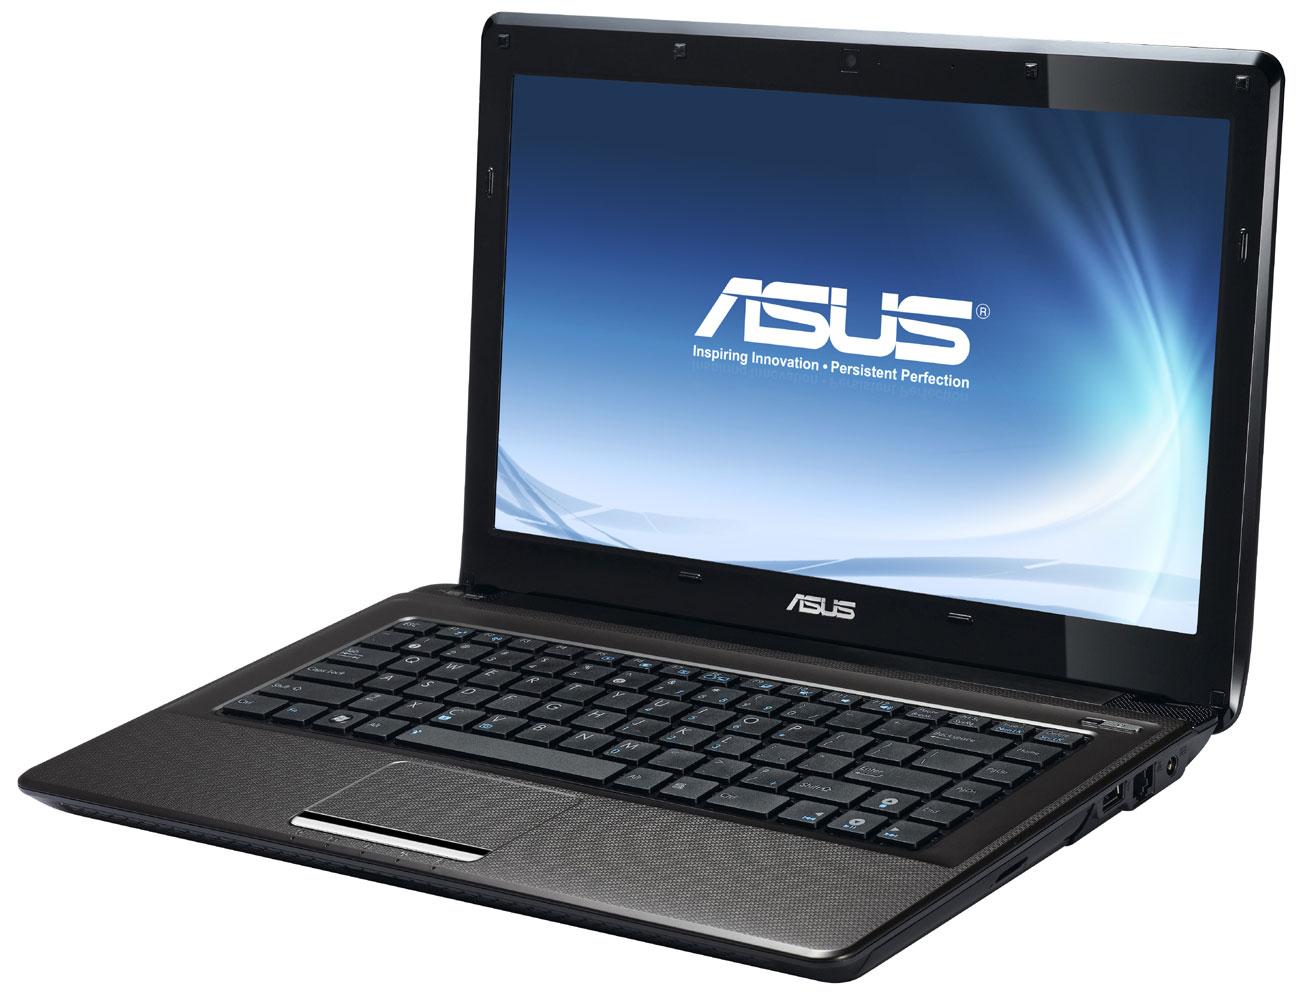 Как подобрать матрицу для ноутбука Asus с диагональю экрана 14 дюймов